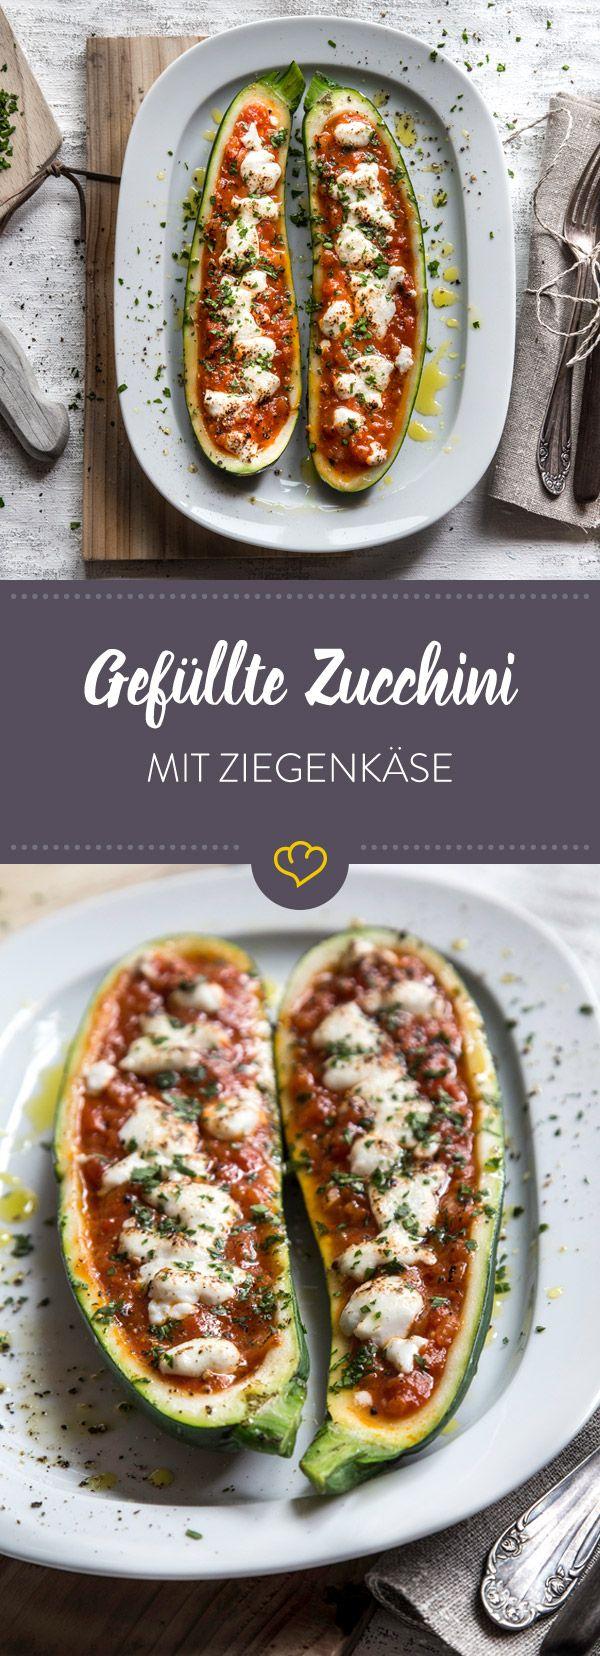 Diese gefüllten Zucchini mit Tomatensauce und Ziegenkäse bringen eine ordentliche Portion Pizza-Geschmack auf deinen Teller, sind aber ganz Low Carb.